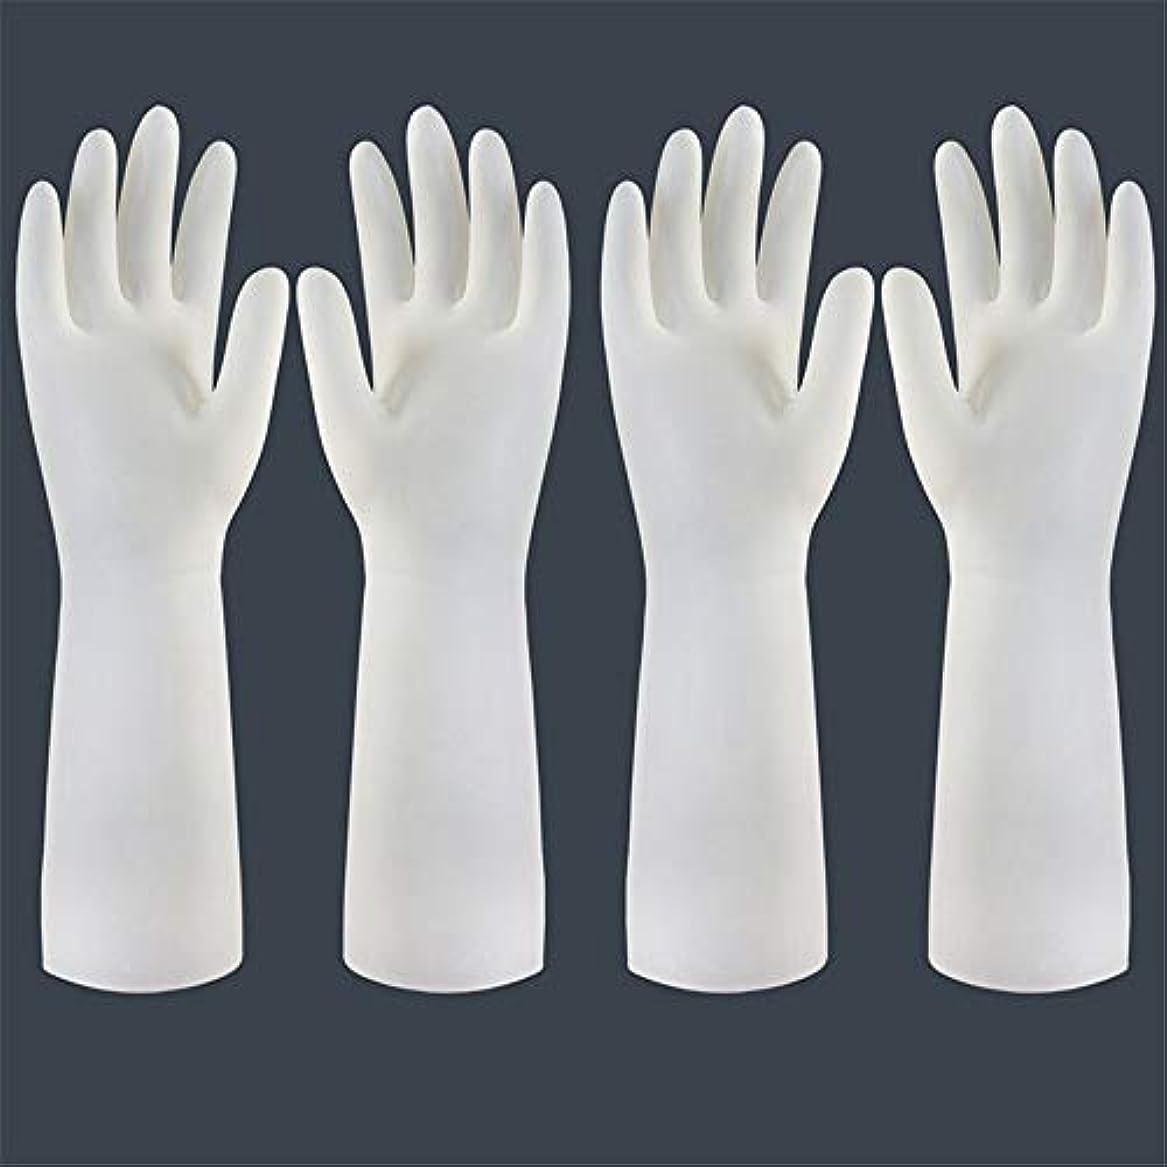 学部予見する求人使い捨て手袋 使い捨て手袋の防水および耐久のゴム製台所手袋、小/中/大 ニトリルゴム手袋 (Color : Long-2 pair, Size : S)